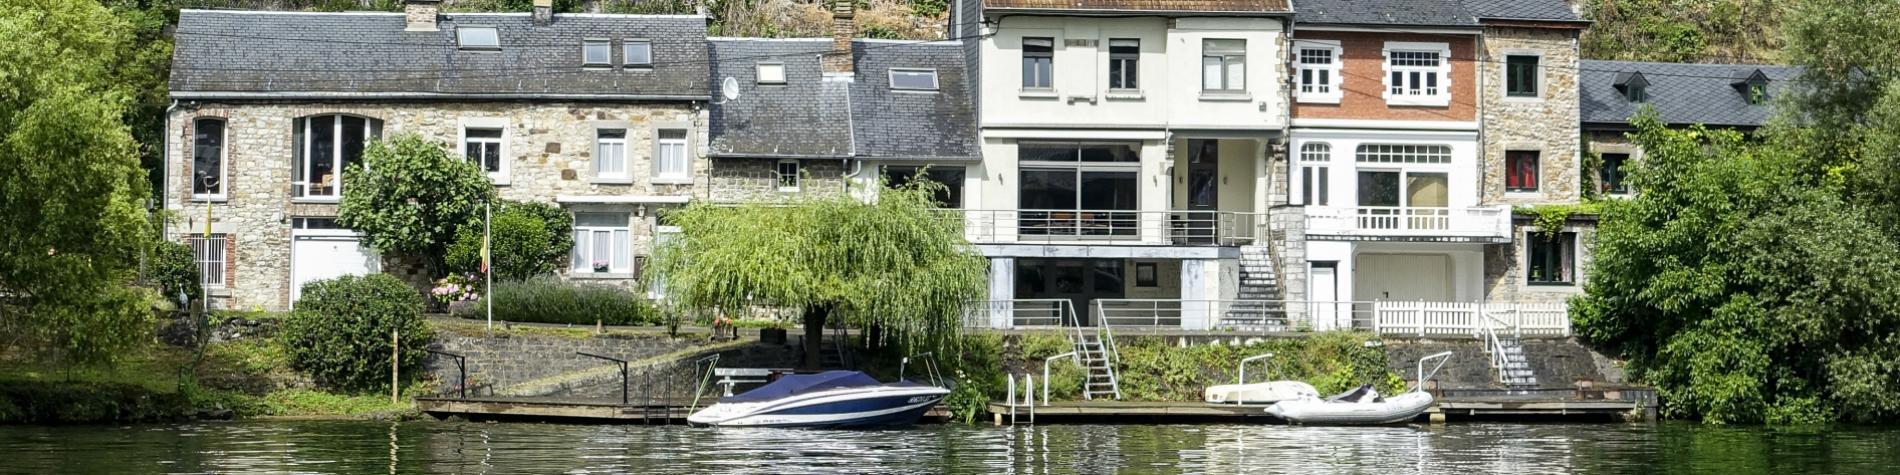 La Meuse et les rochers du Frene à Profondeville